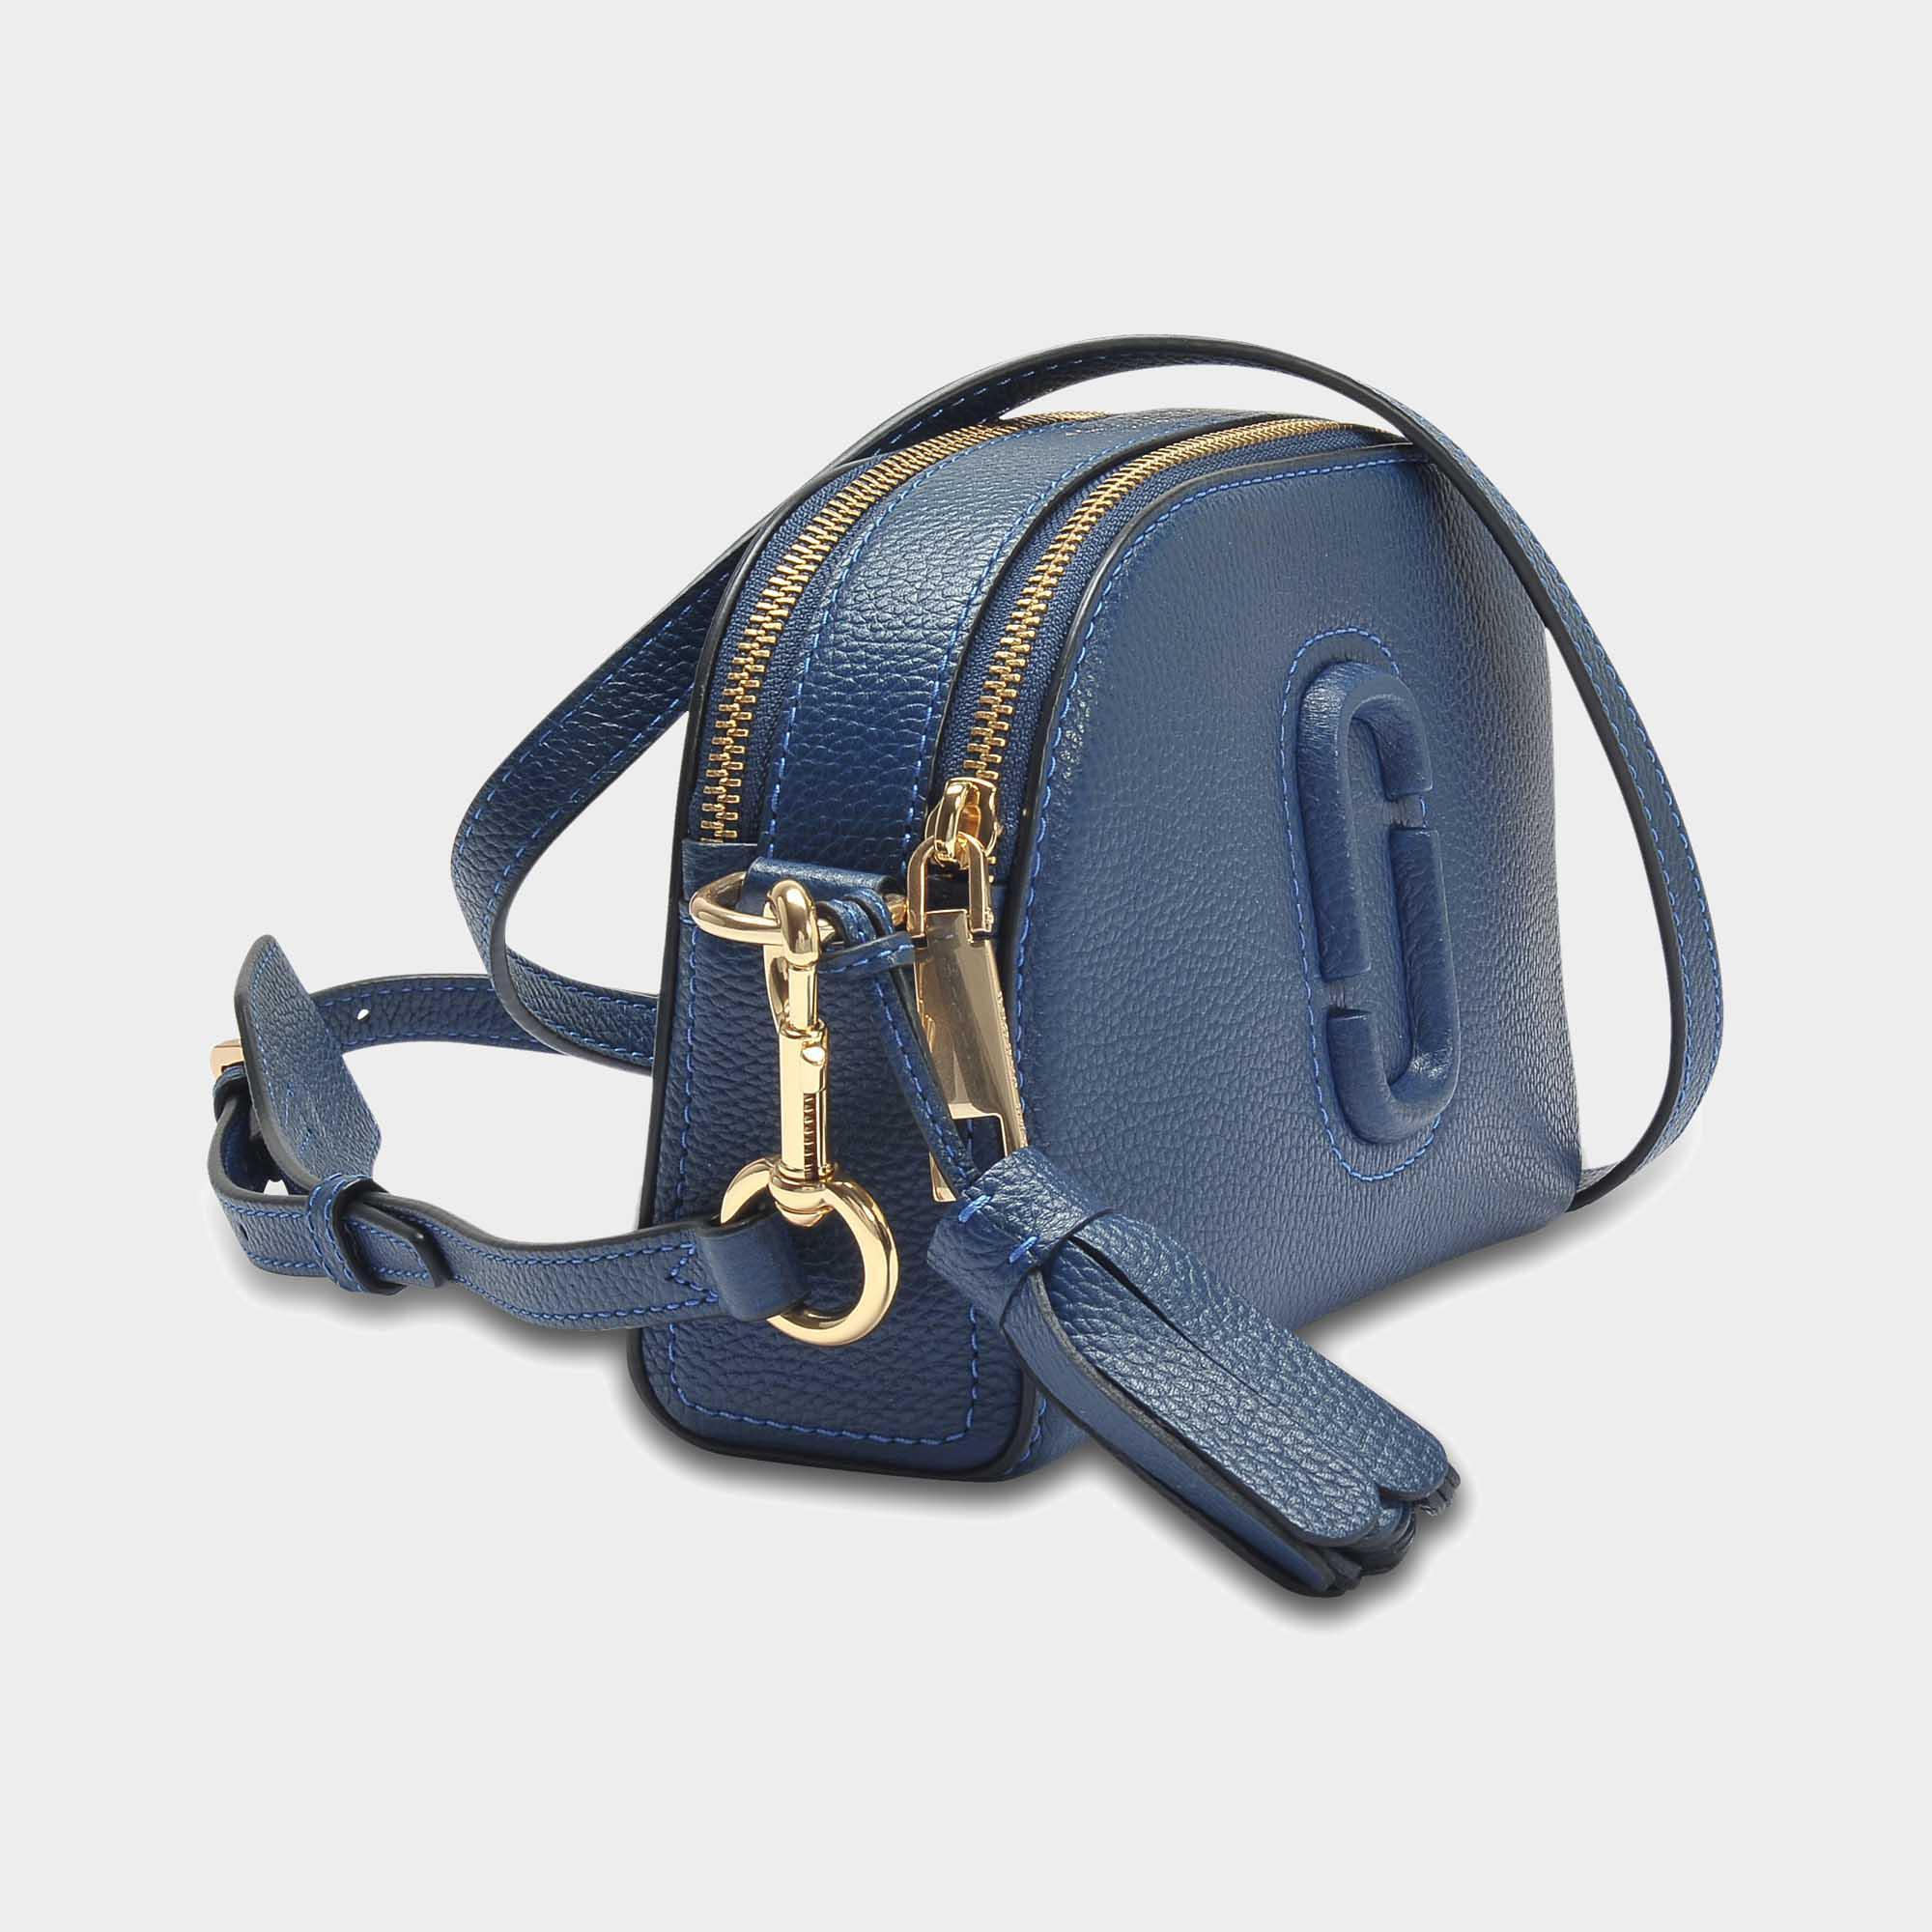 f0c313ee3d2 Marc Jacobs - Shutter Bag In Blue Calfskin - Lyst. View fullscreen